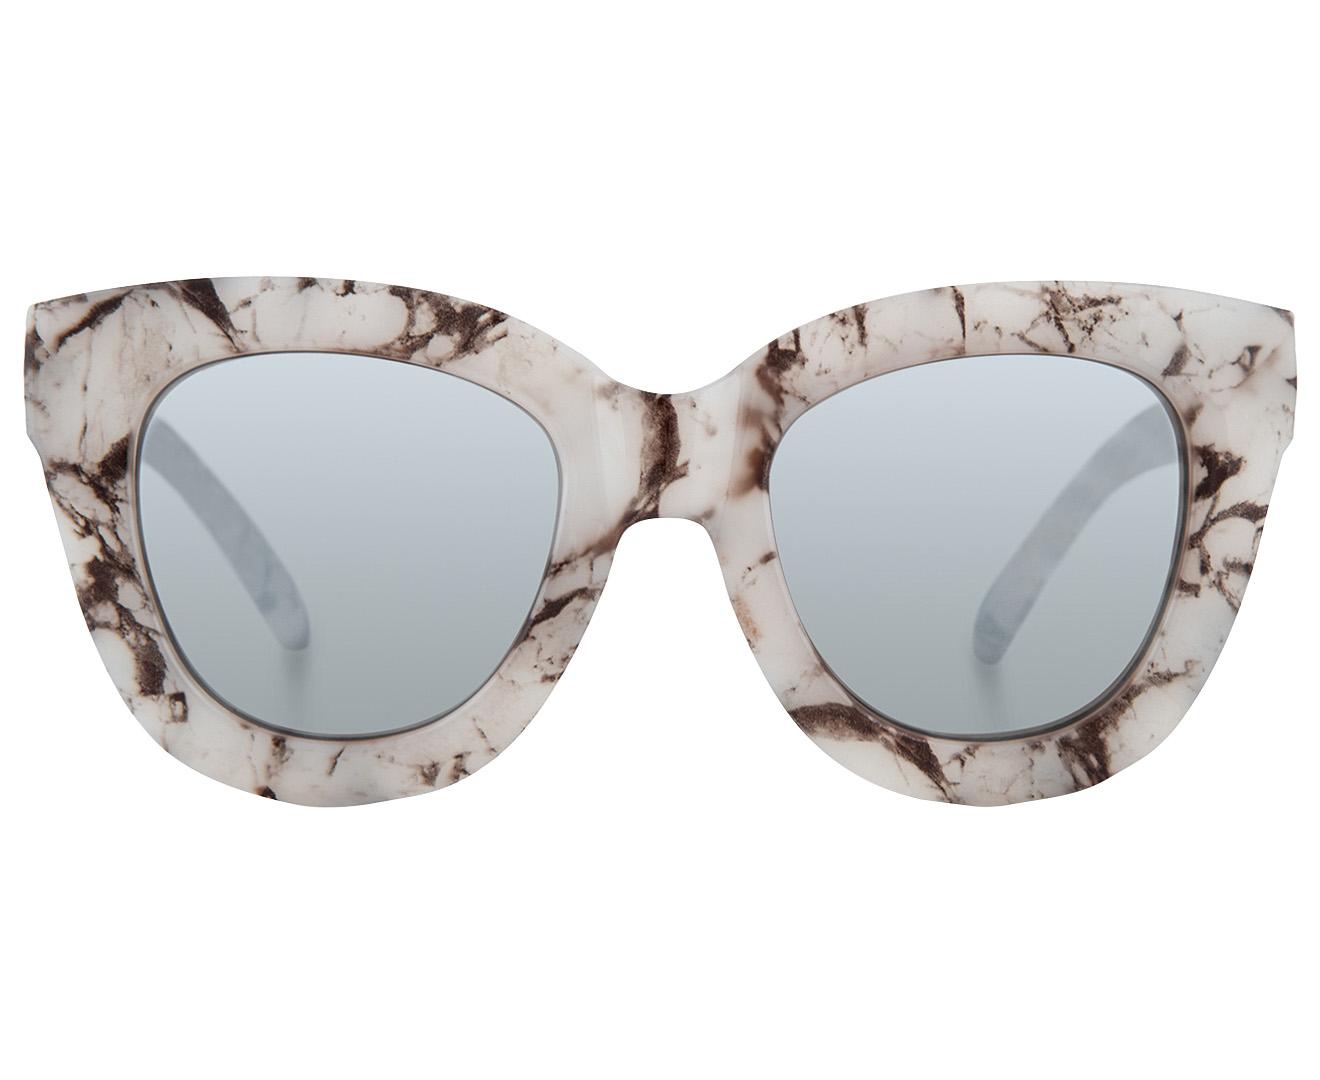 d5dd636399 Quay Australia Women s Sugar And Spice Sunglasses - White Marble Silver